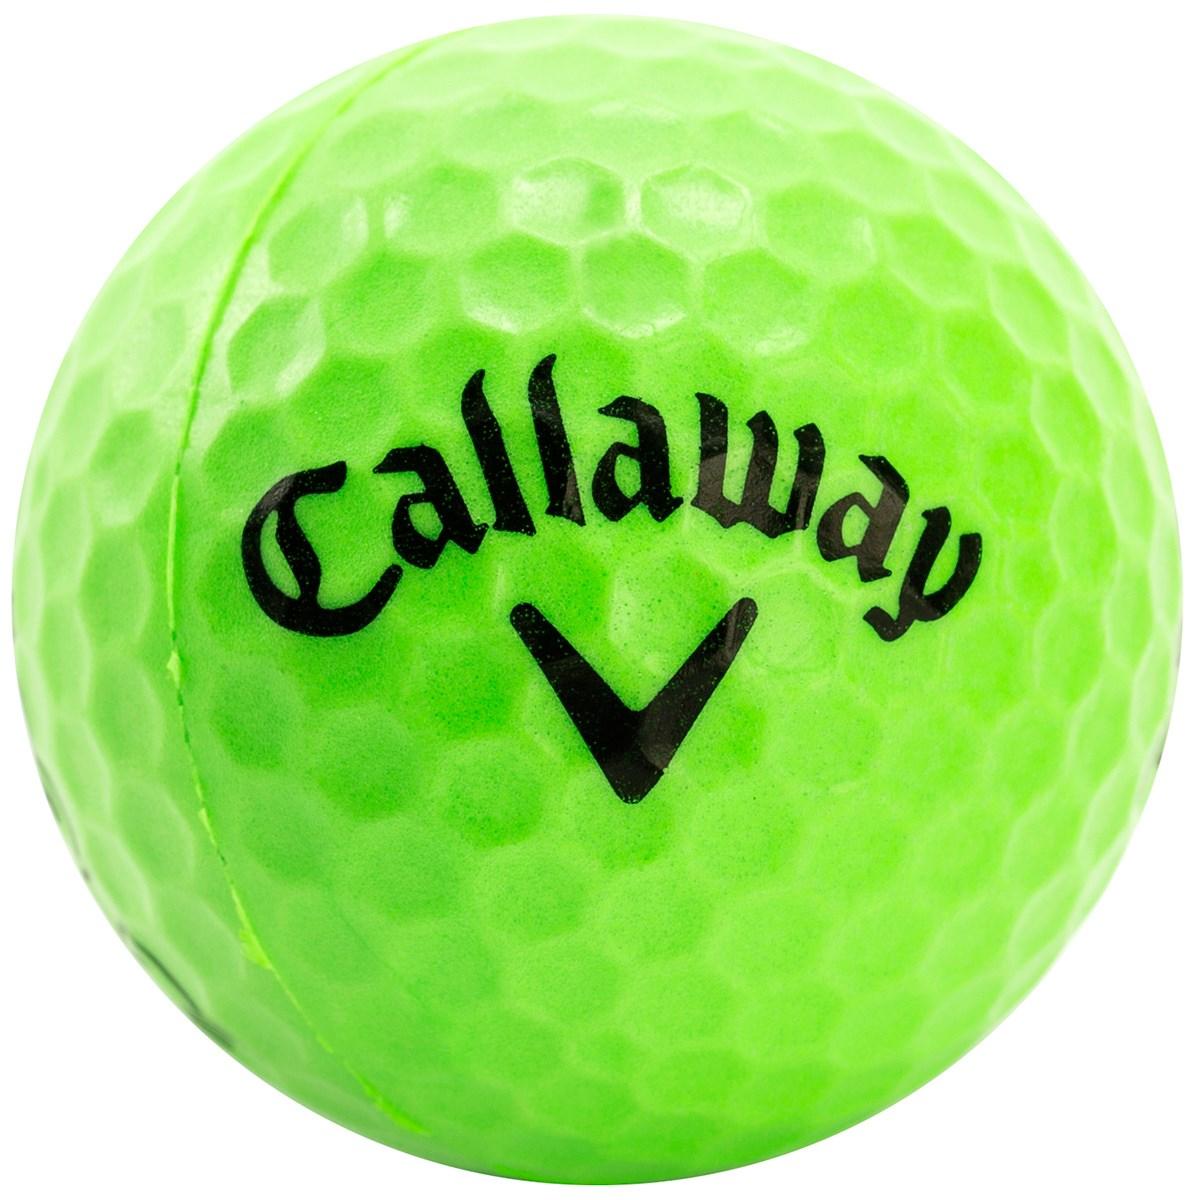 キャロウェイゴルフ Callaway Golf ヘックス プラクティスボール 9個入り ライム